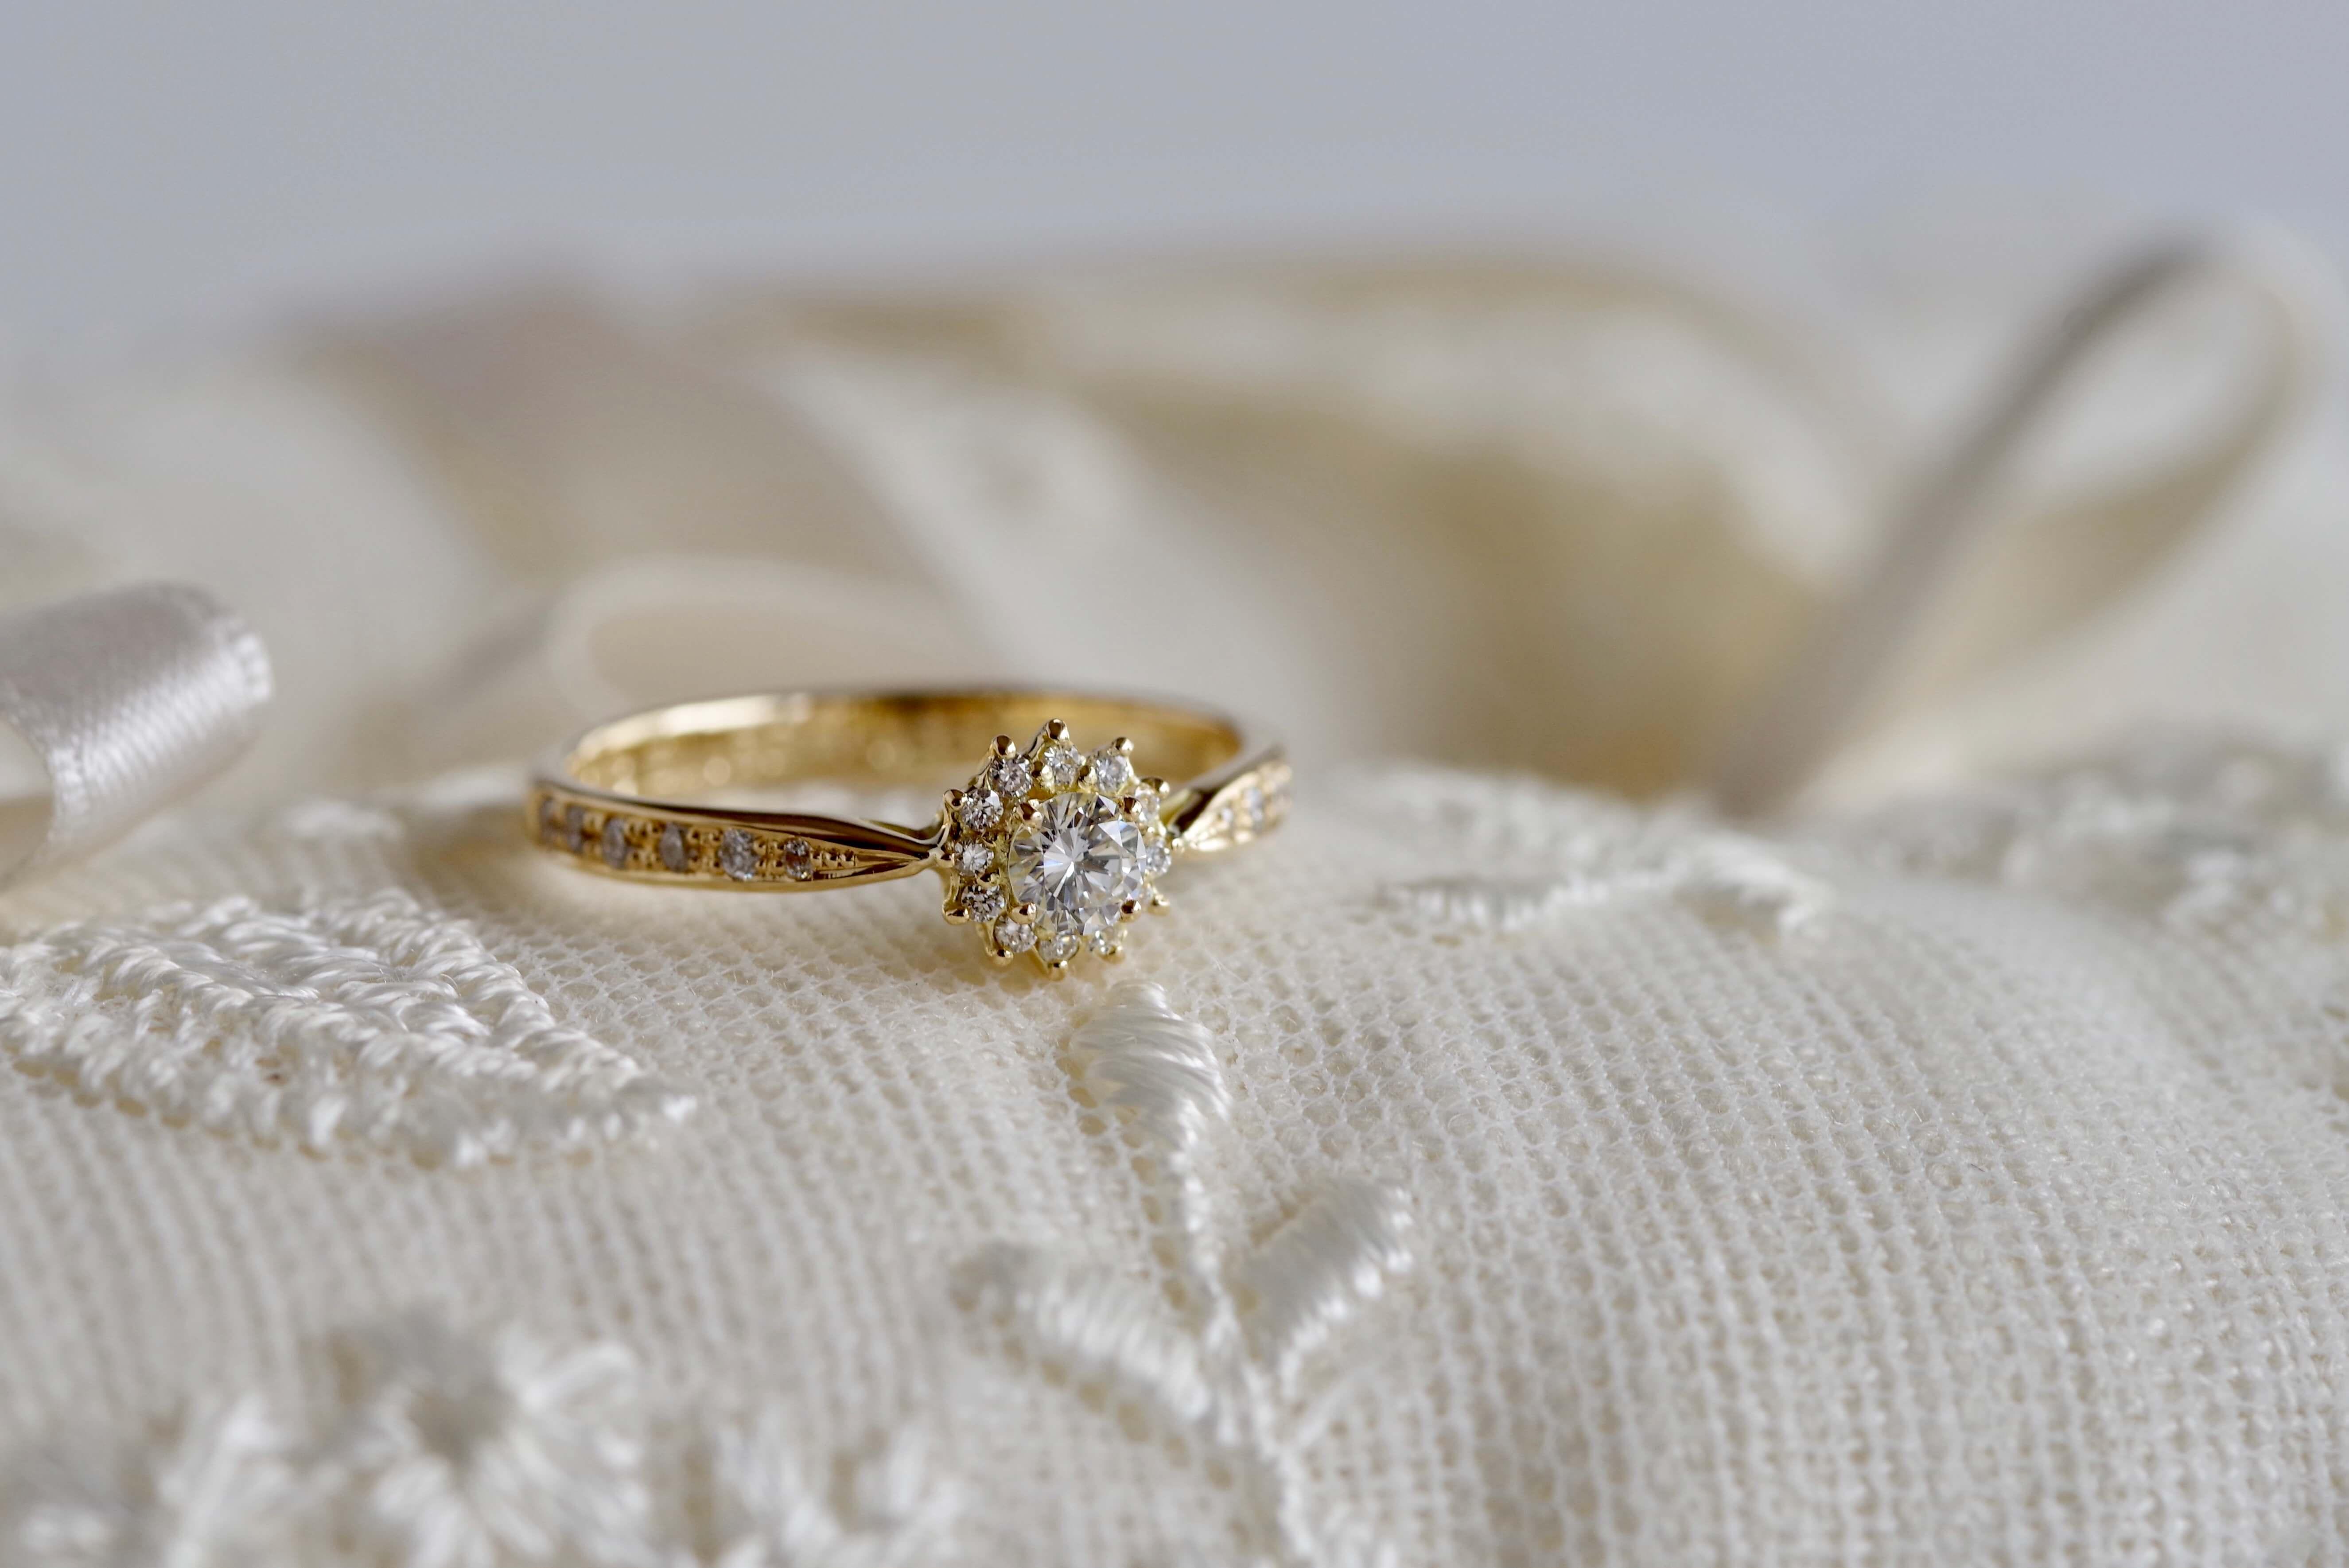 婚約指輪 オーダーメイド 取り巻き